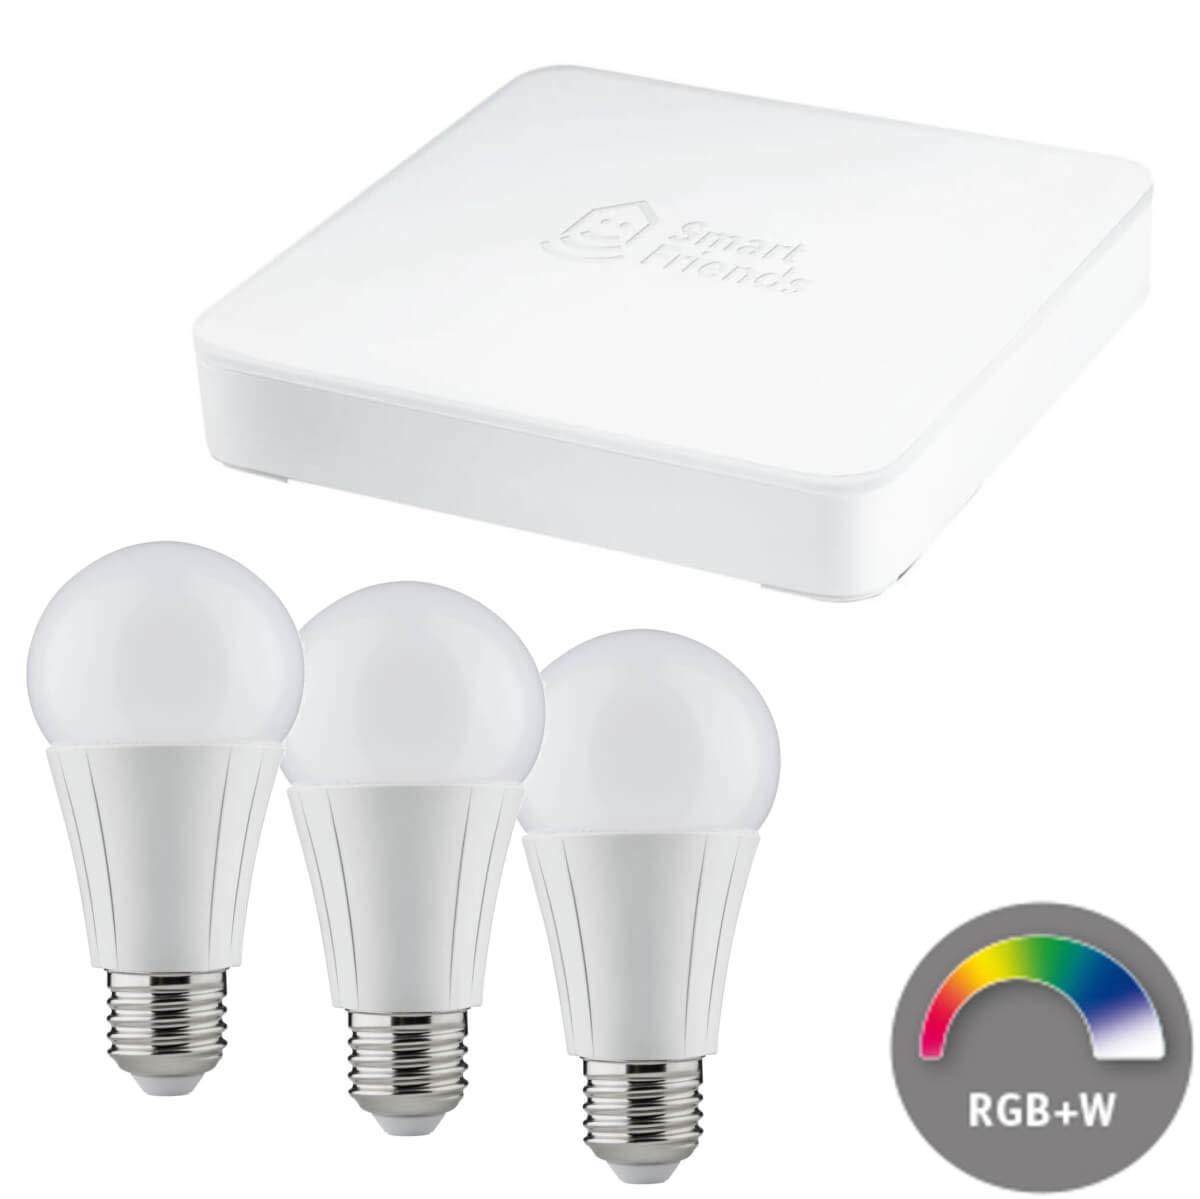 Paulmann Smart Friends LED LED LED Kerze E14 Einsteigerset, Dimmbar, Box + 3 Lampen a4b8d6